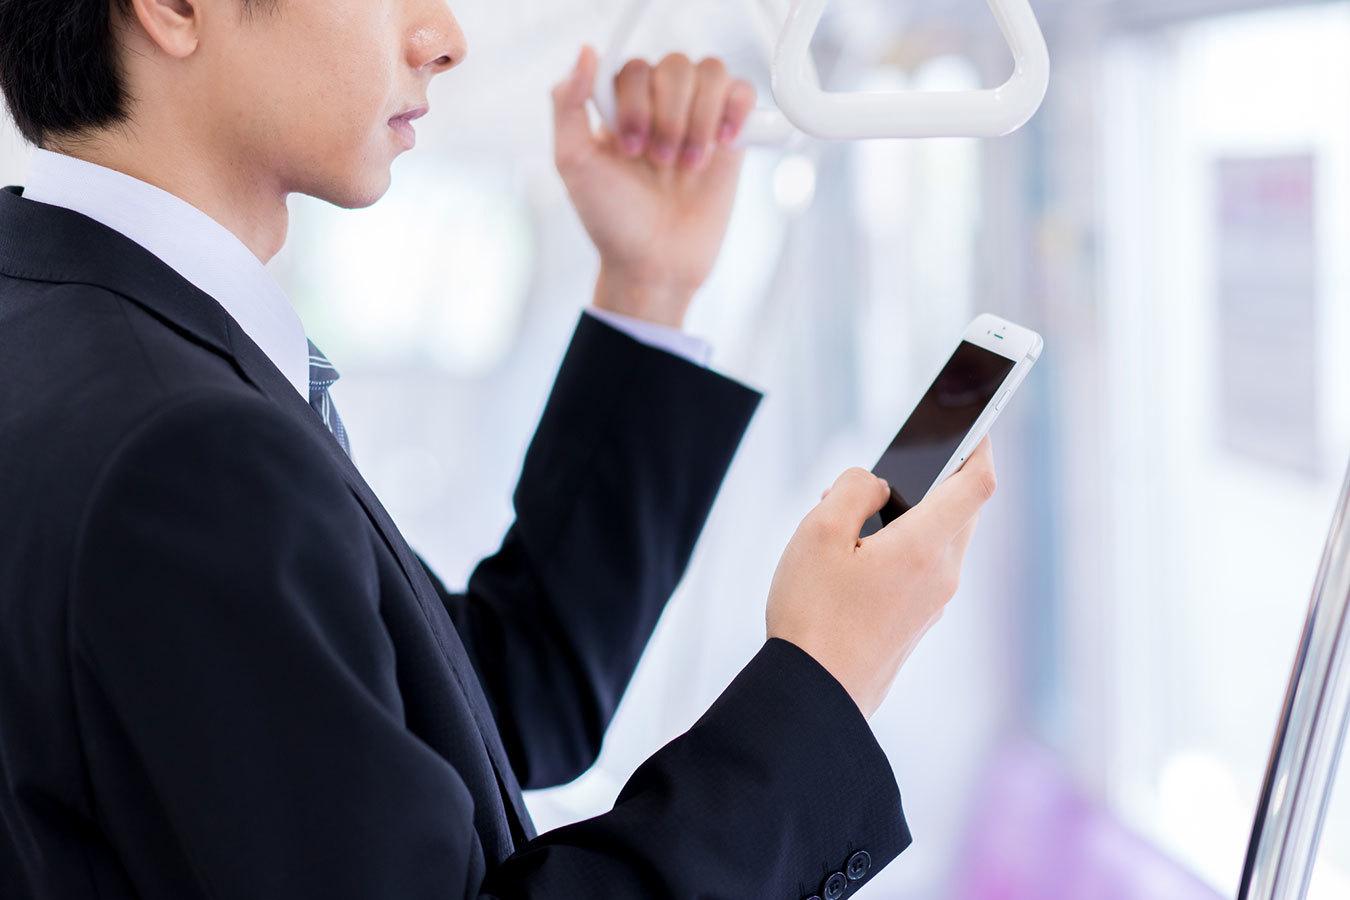 「監視資本主義」への警鐘。生活のデジタル化を考える